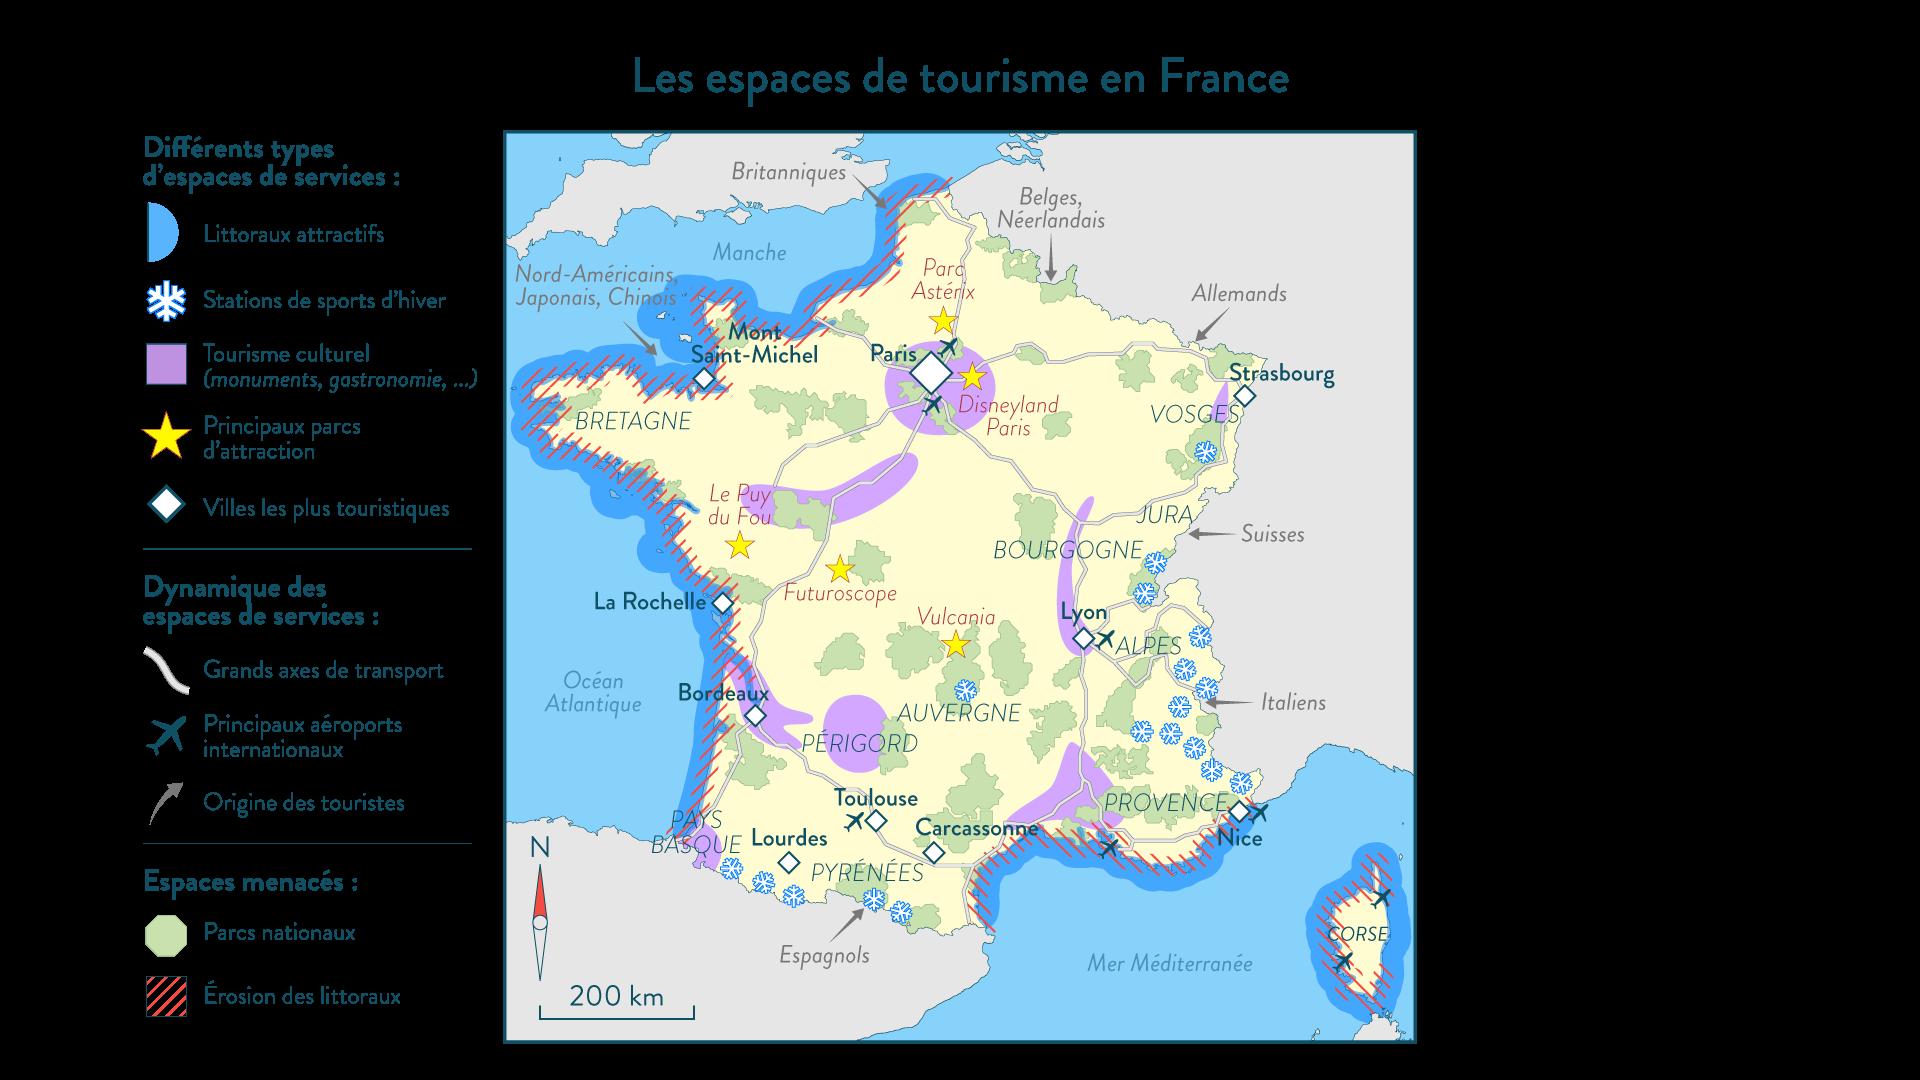 Les espaces de tourisme en France